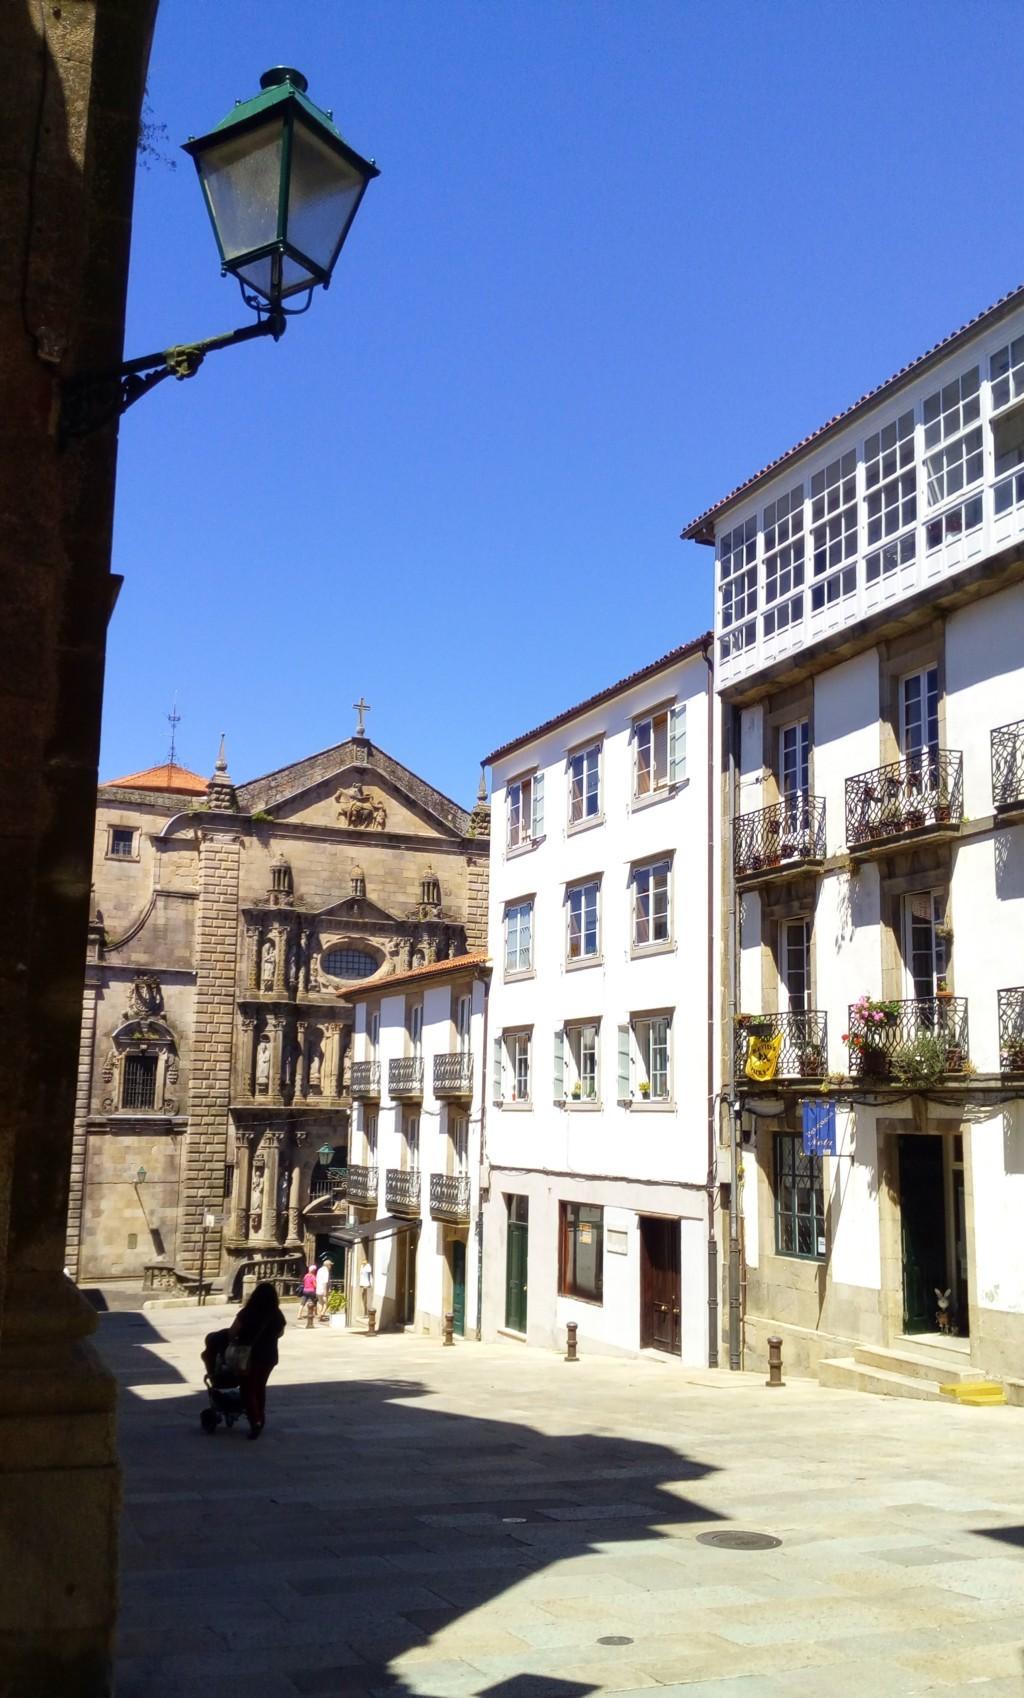 Foto 4 - Plaza de San Miguel, al fondo Rúa da Fonte de San Miguel e iglesia del convento de San Martín Pinario